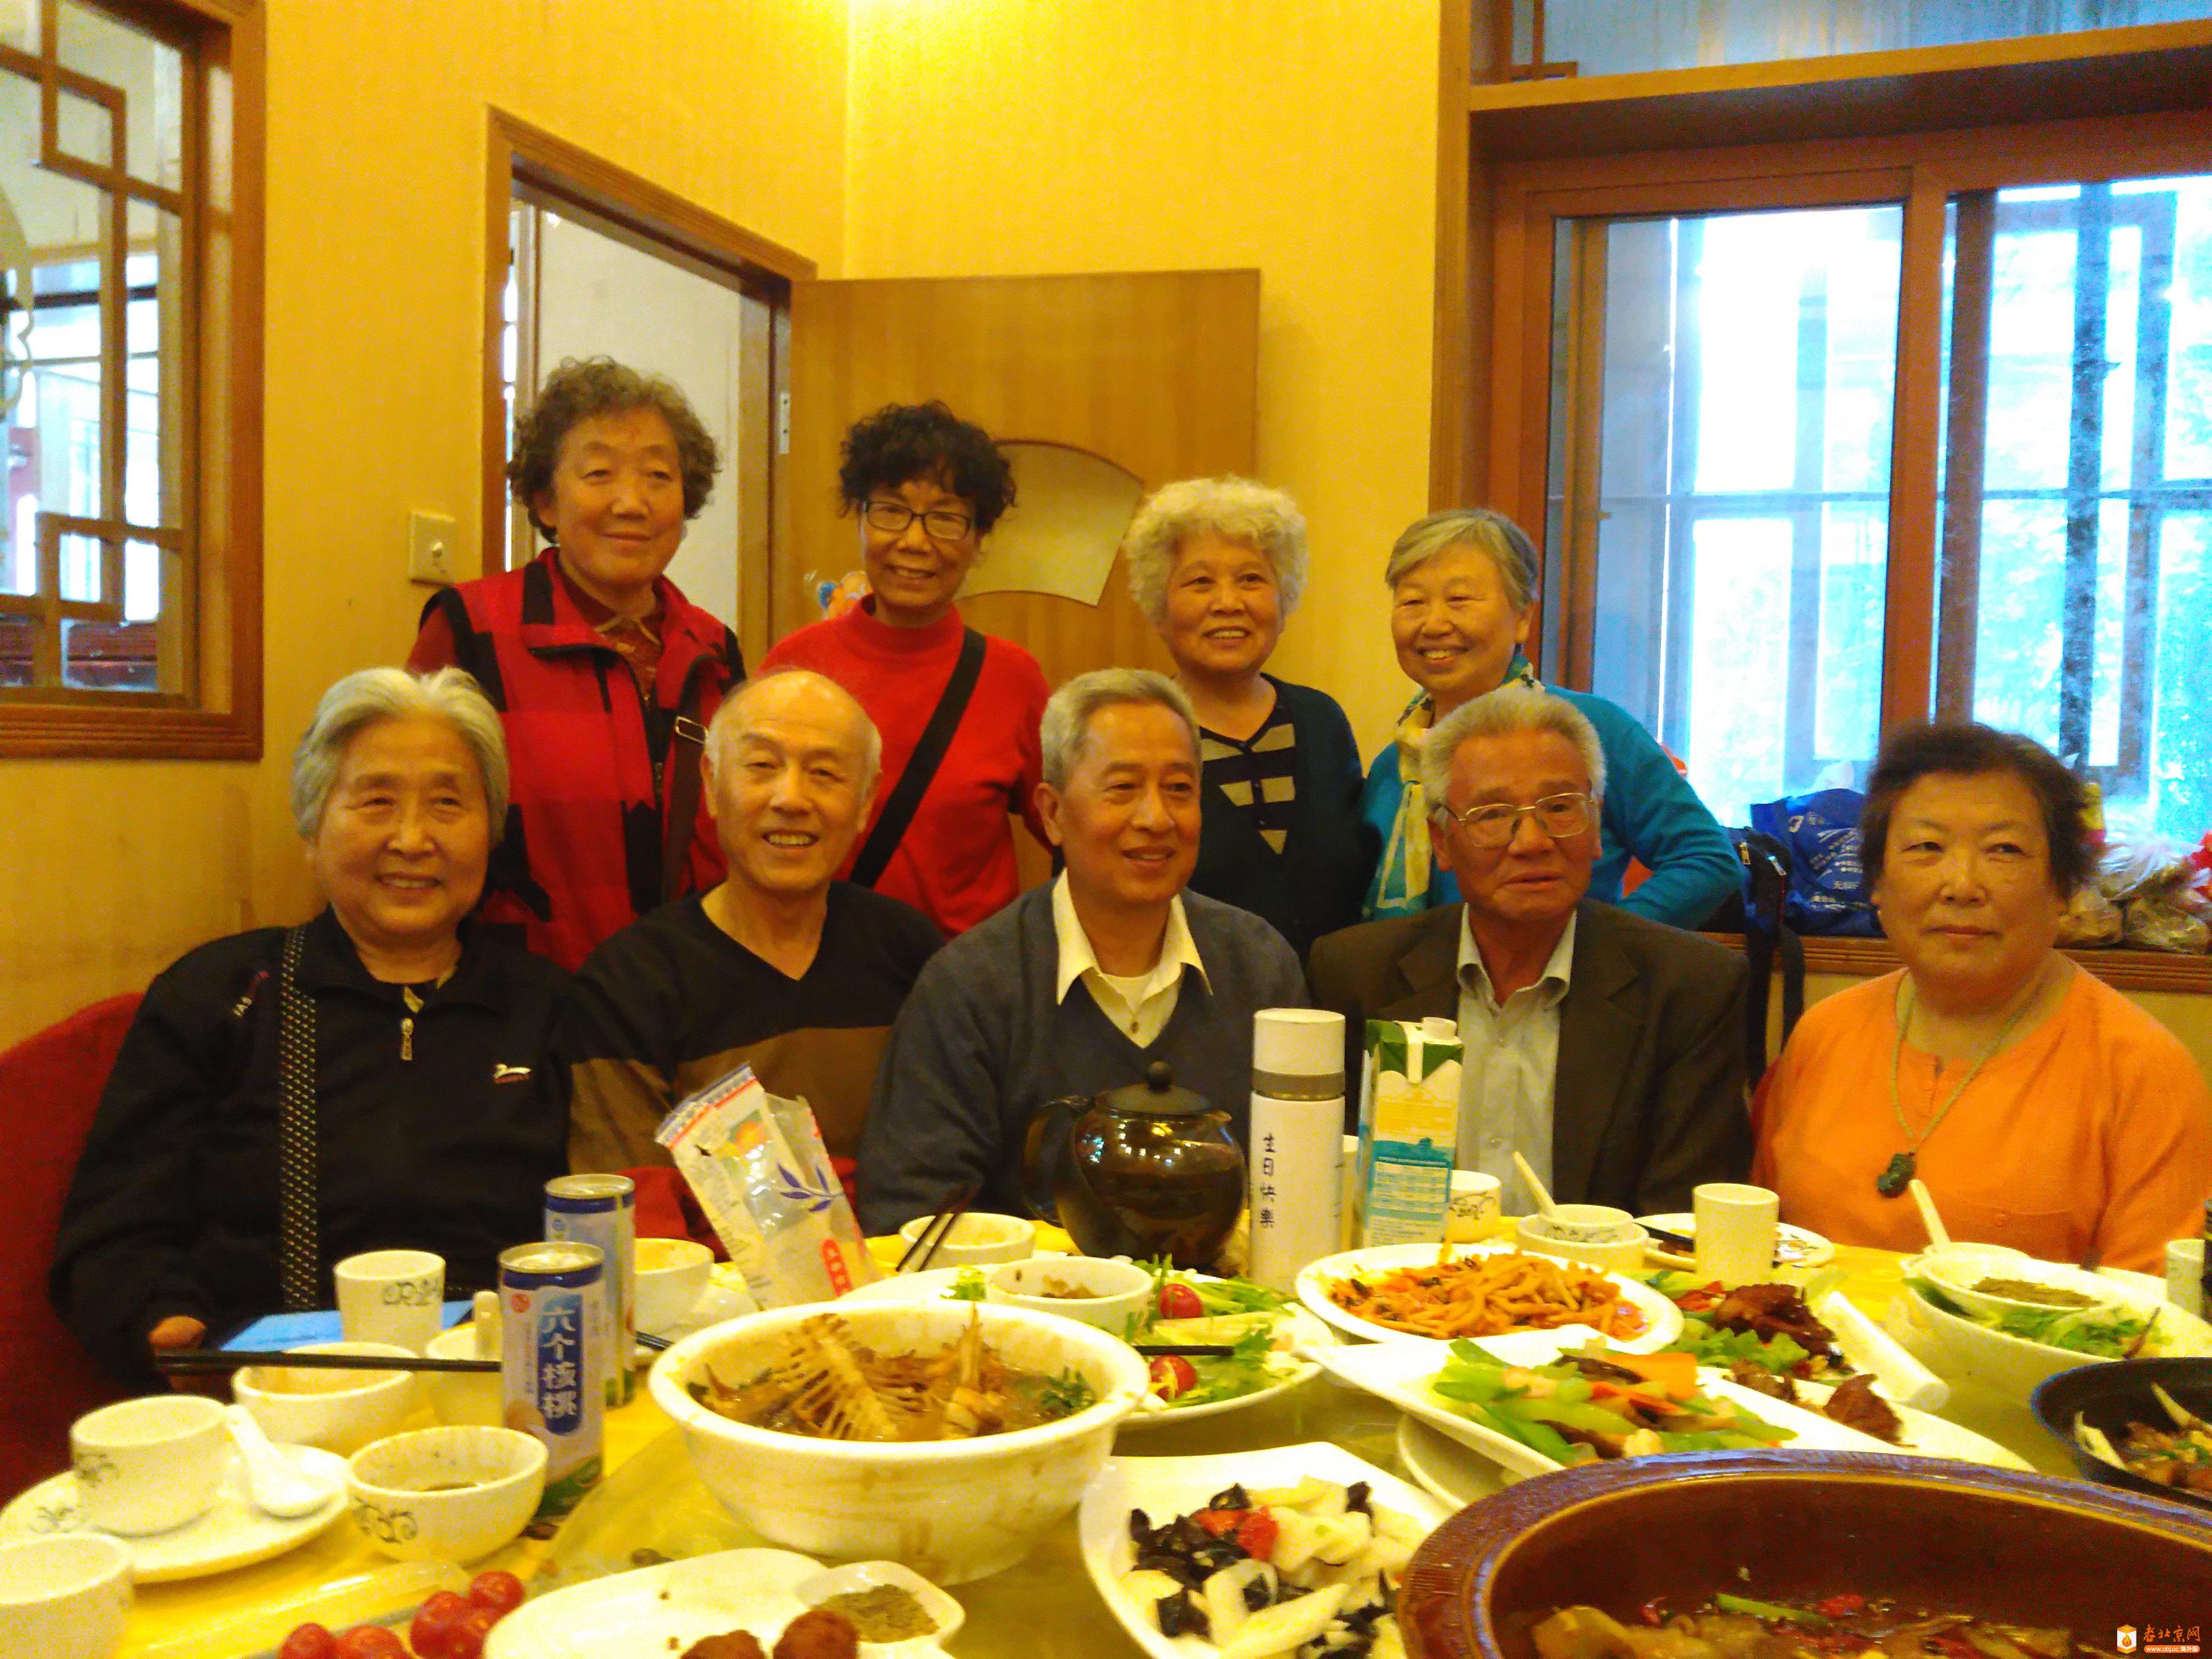 8280班部分同学在北京聚会